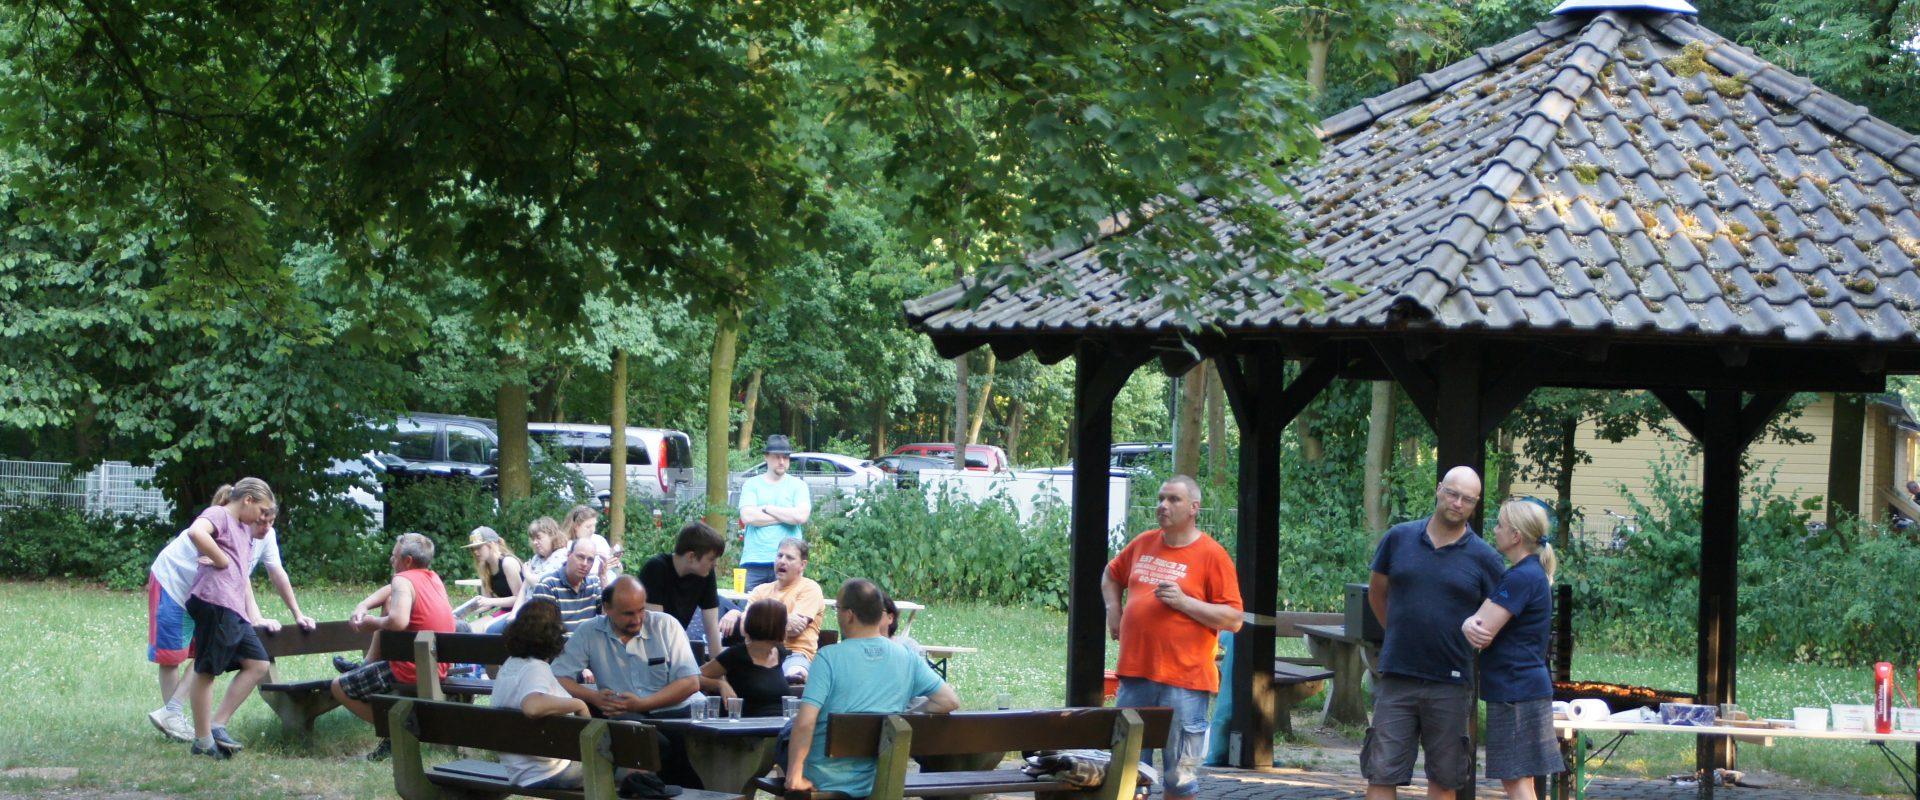 Permalink auf:Sommerfest bei herrlichem Wetter